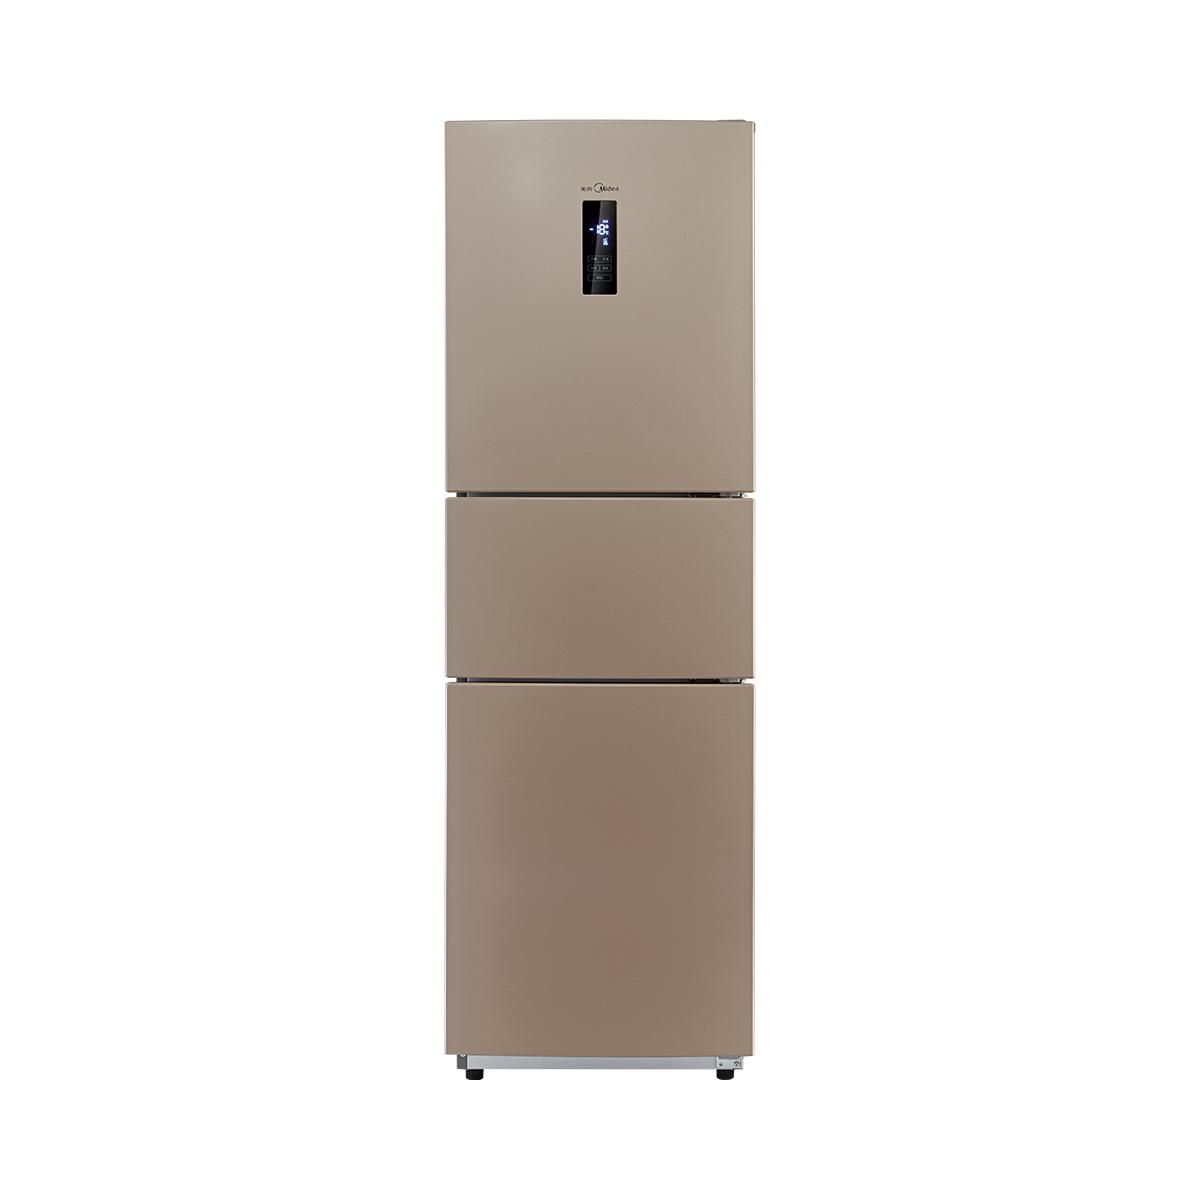 Midea/美的 BCD-231WTM(E)冰箱 说明书.pdf